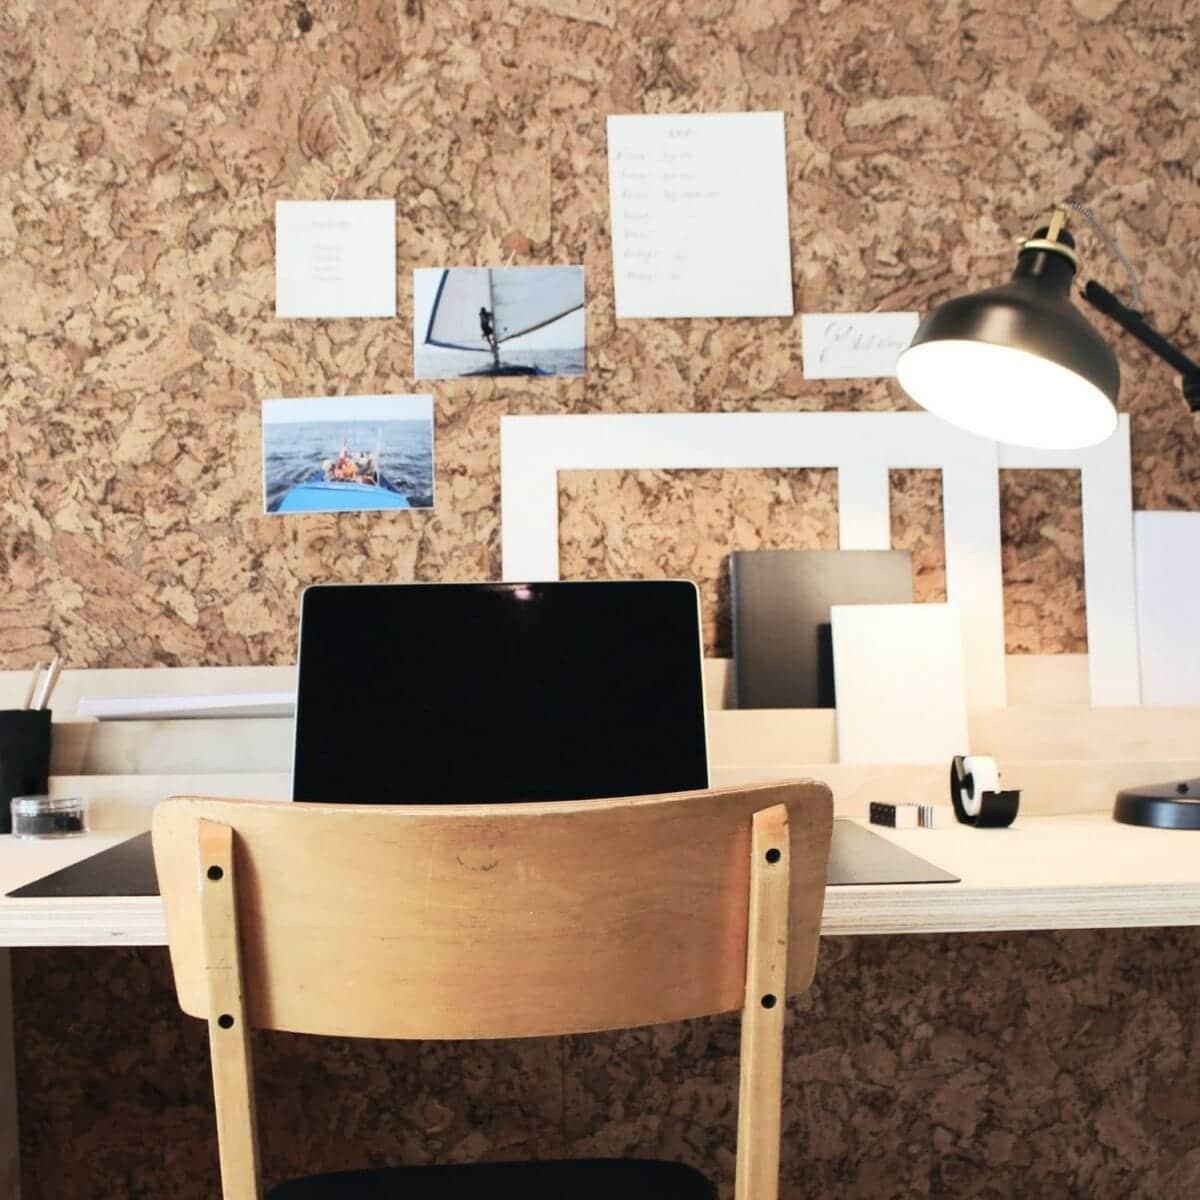 Kork vegg fra WALL-IT passer ypperlig som Moodboard